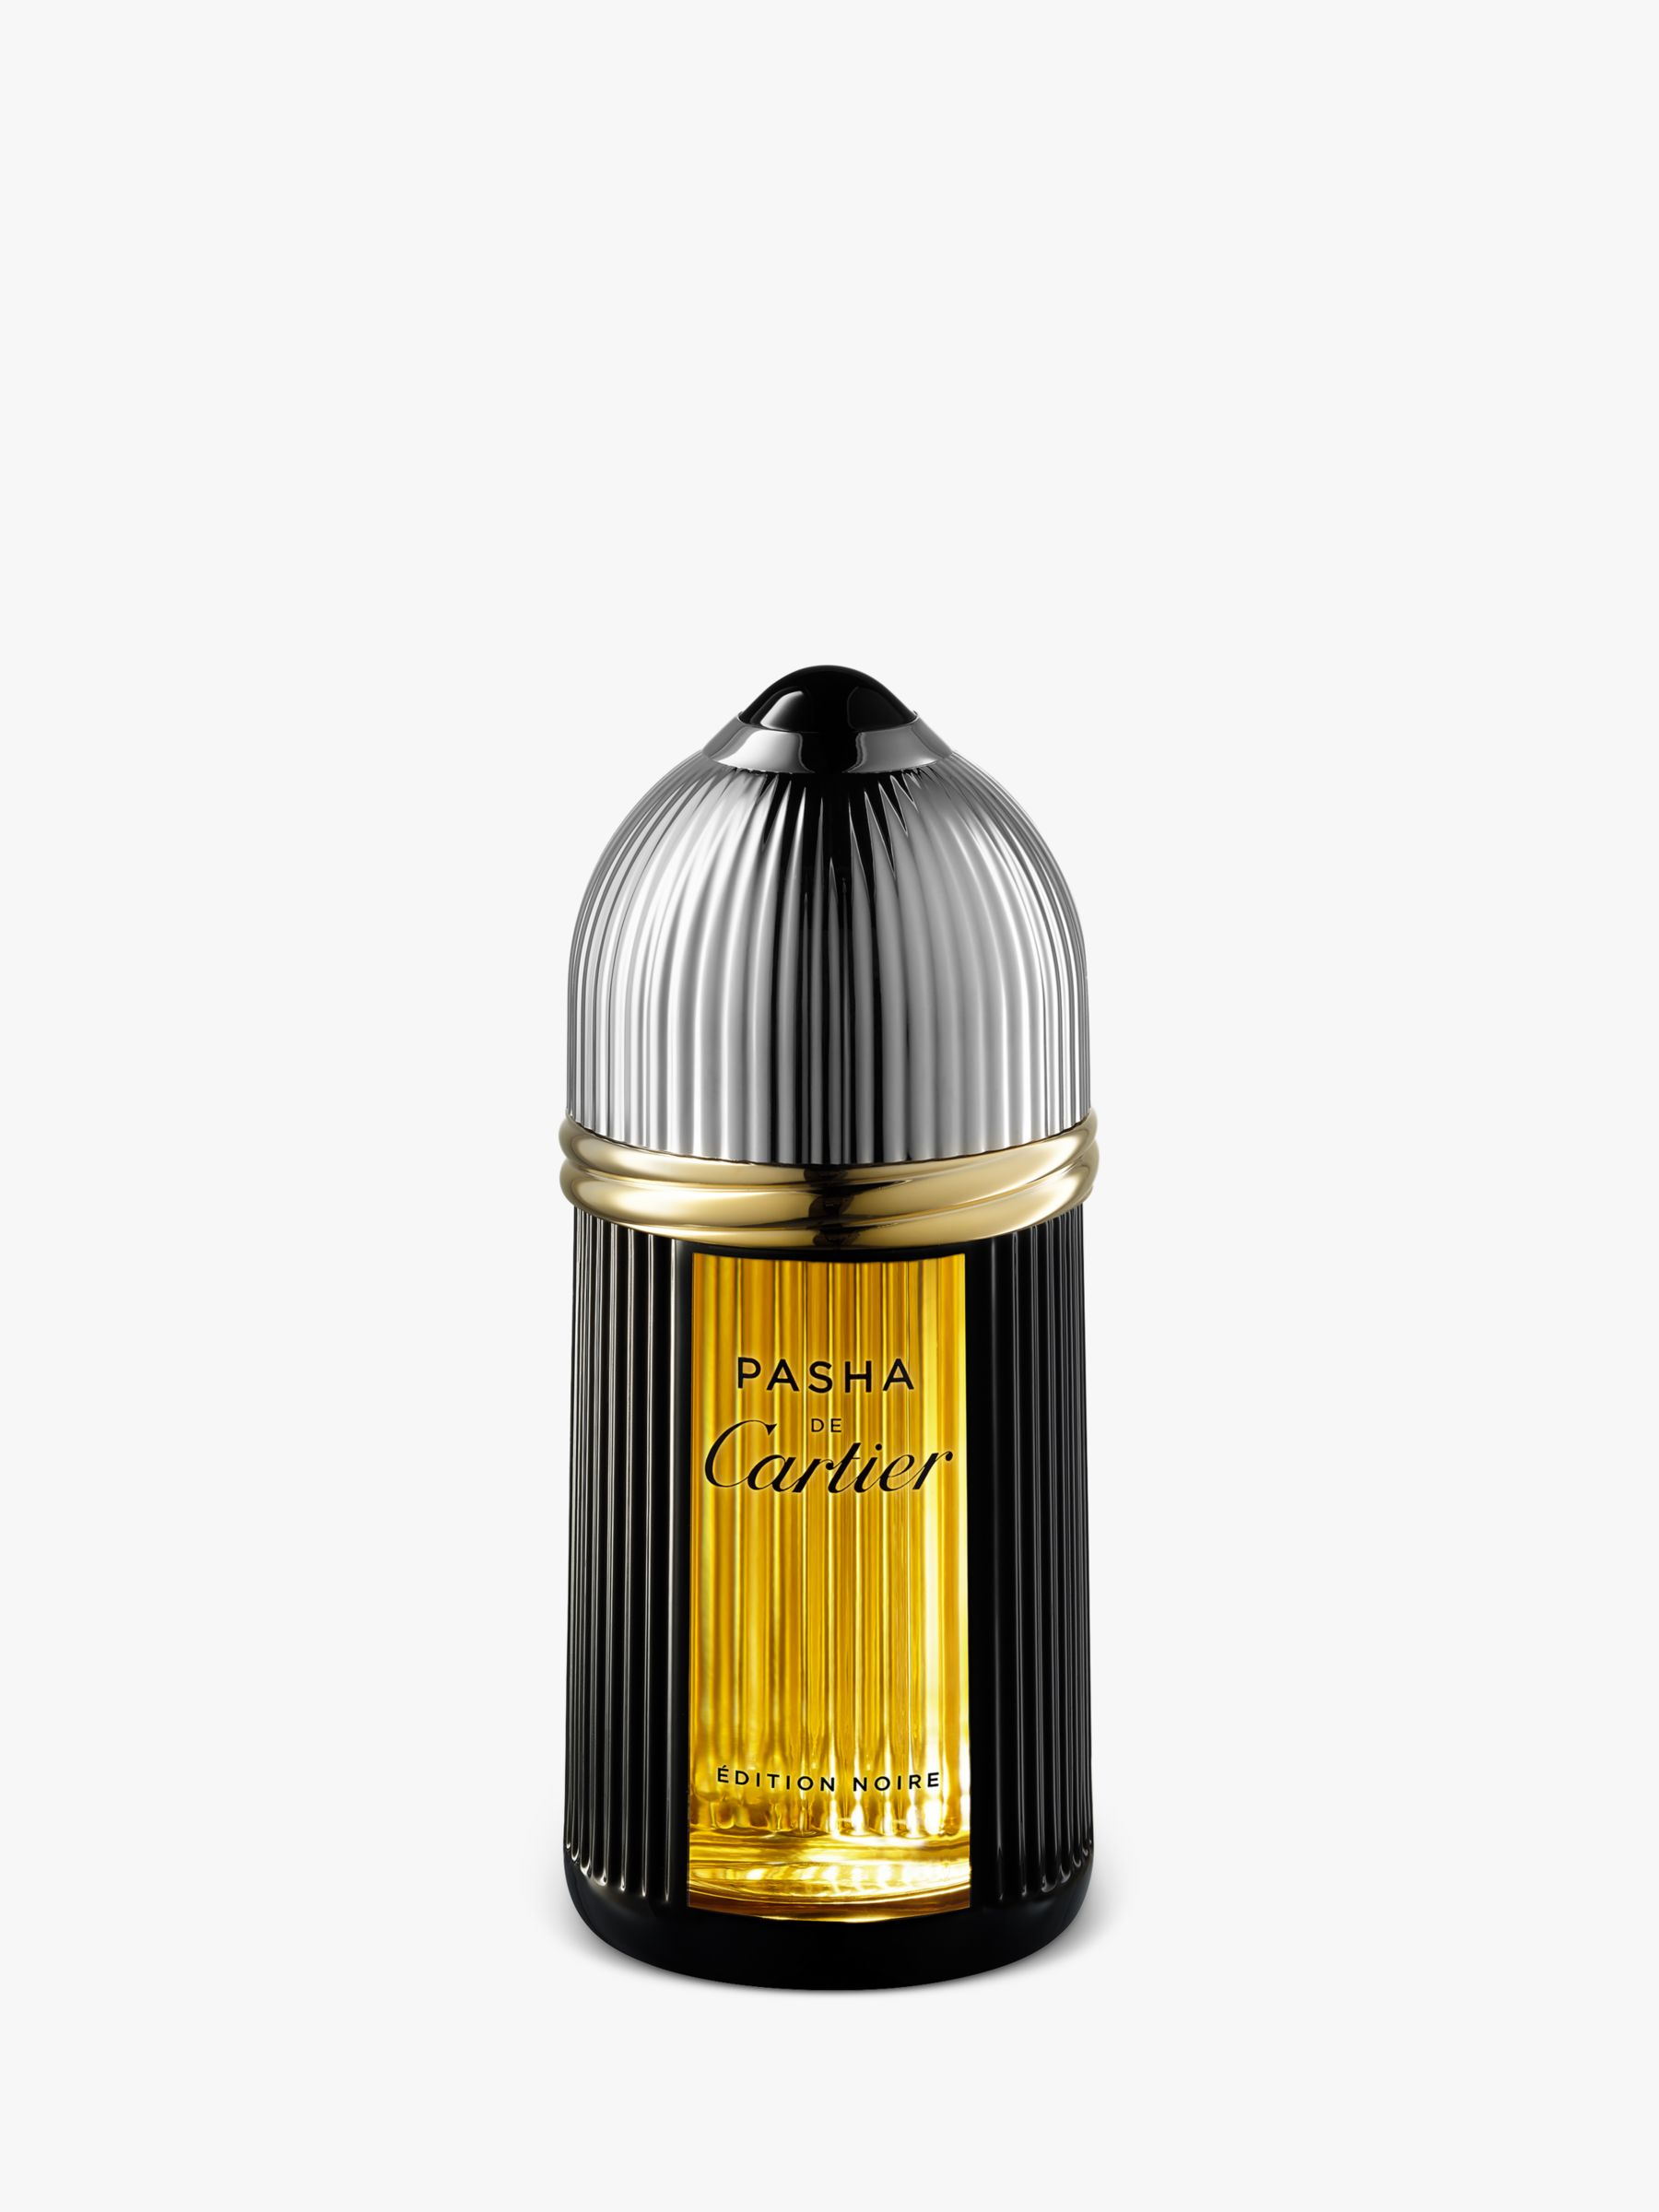 Cartier Cartier Pasha Noir Ultimate Eau de Toilette 100ml Limited Edition